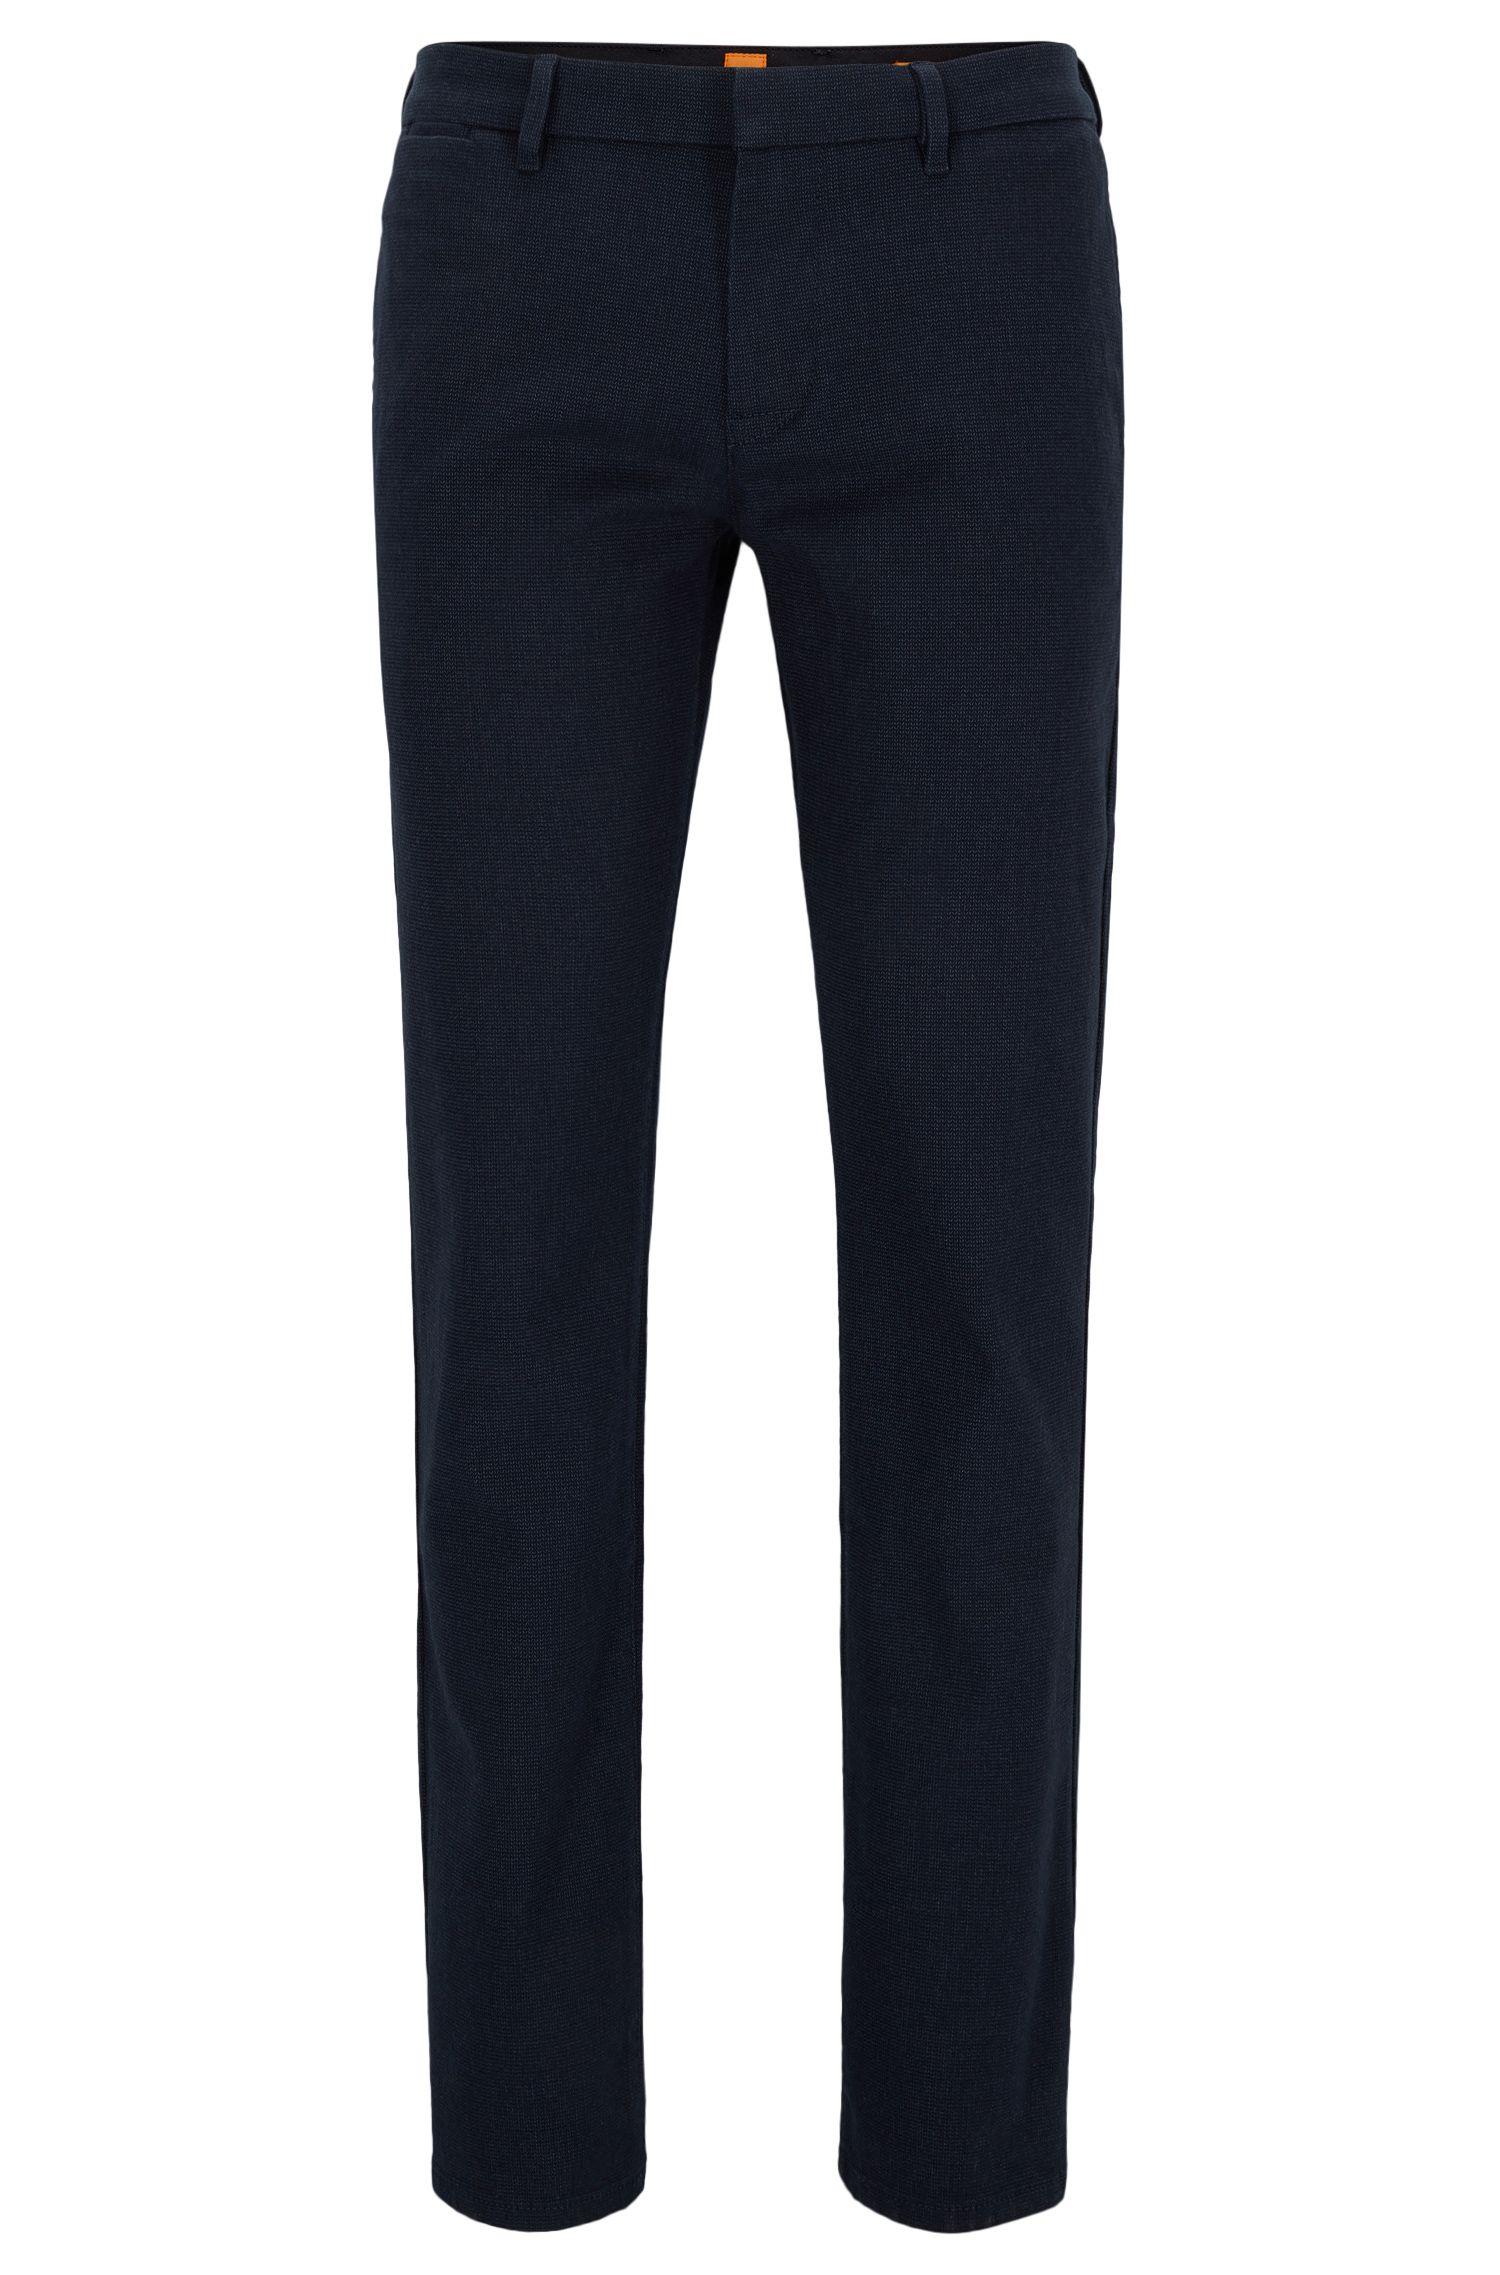 Pantalon Slim Fit en coton mélangé